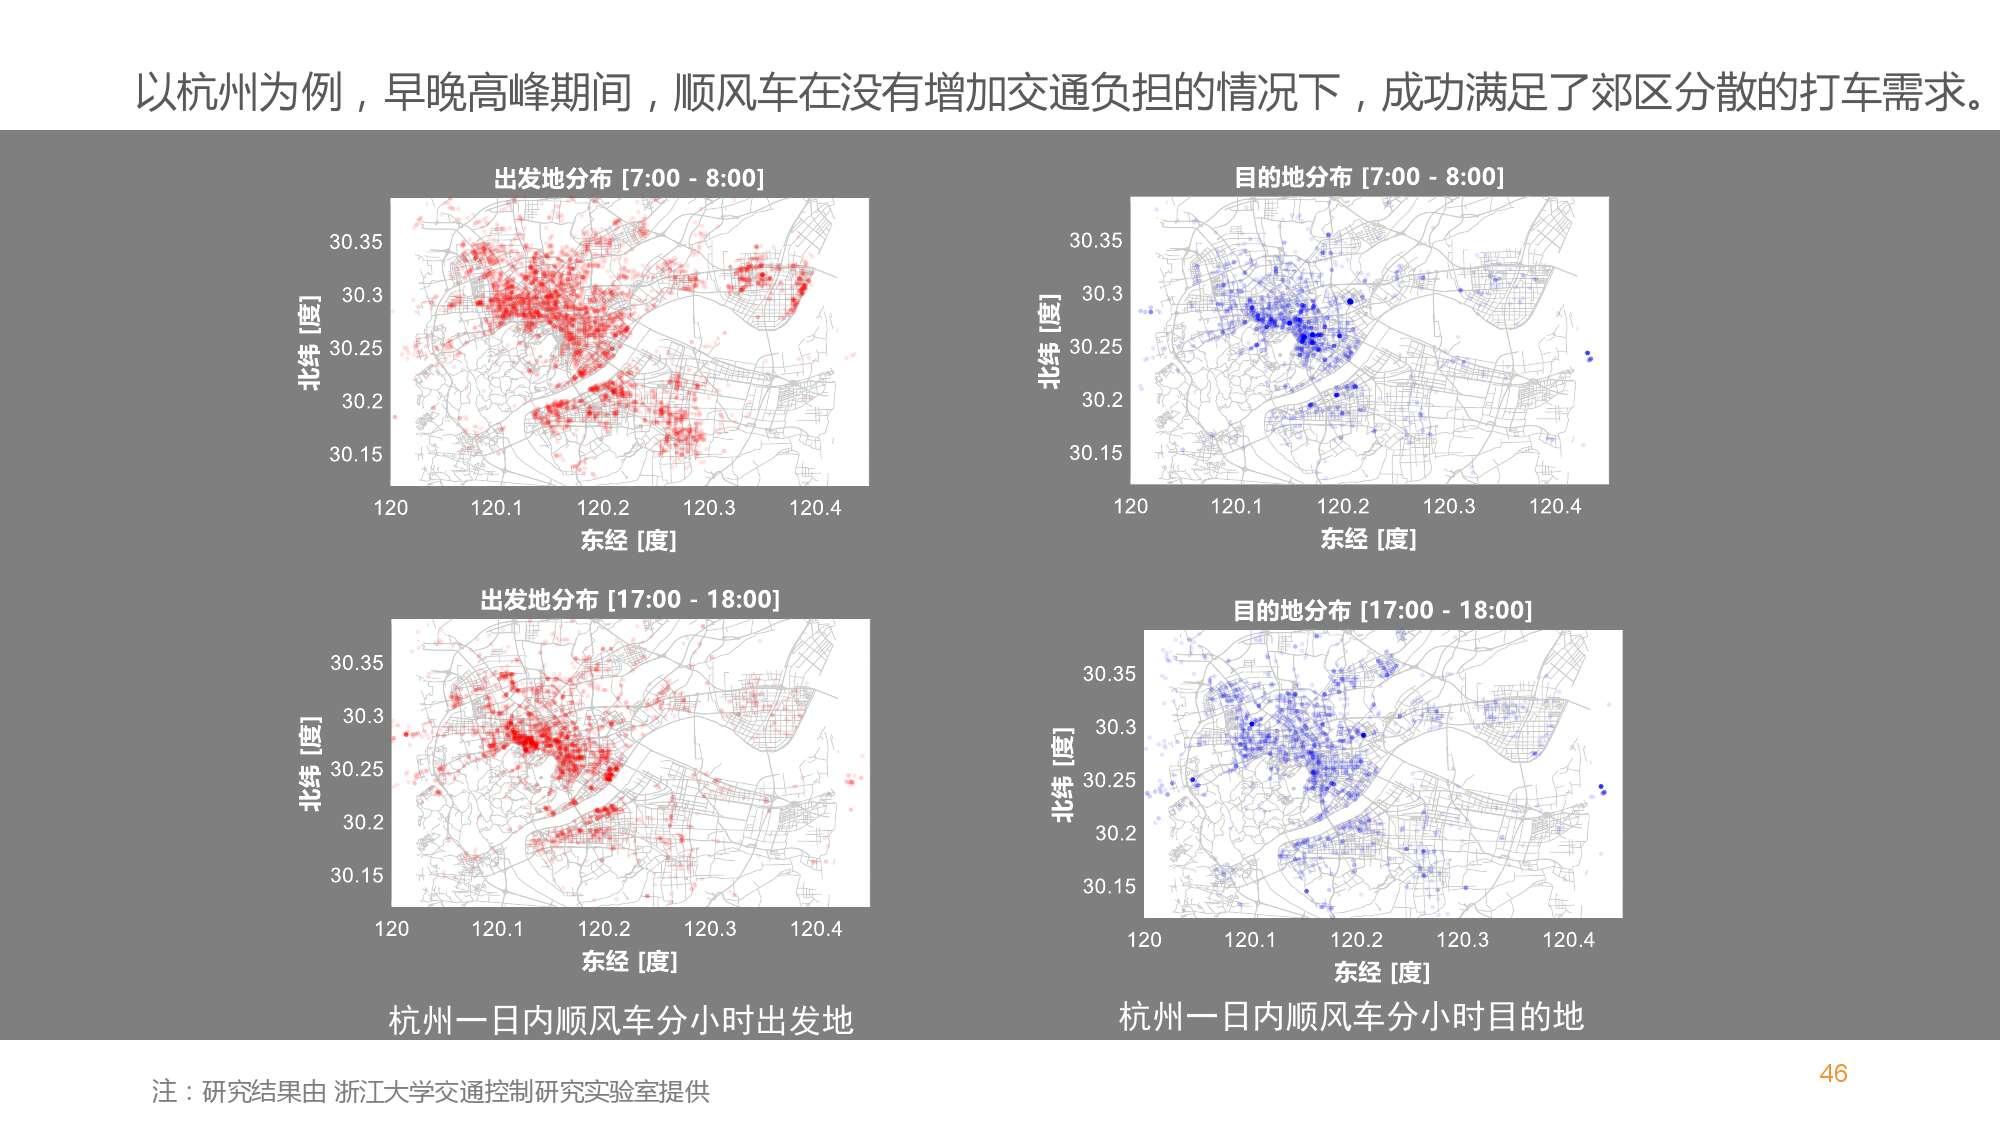 中国智能出行2015大数据报告_000047